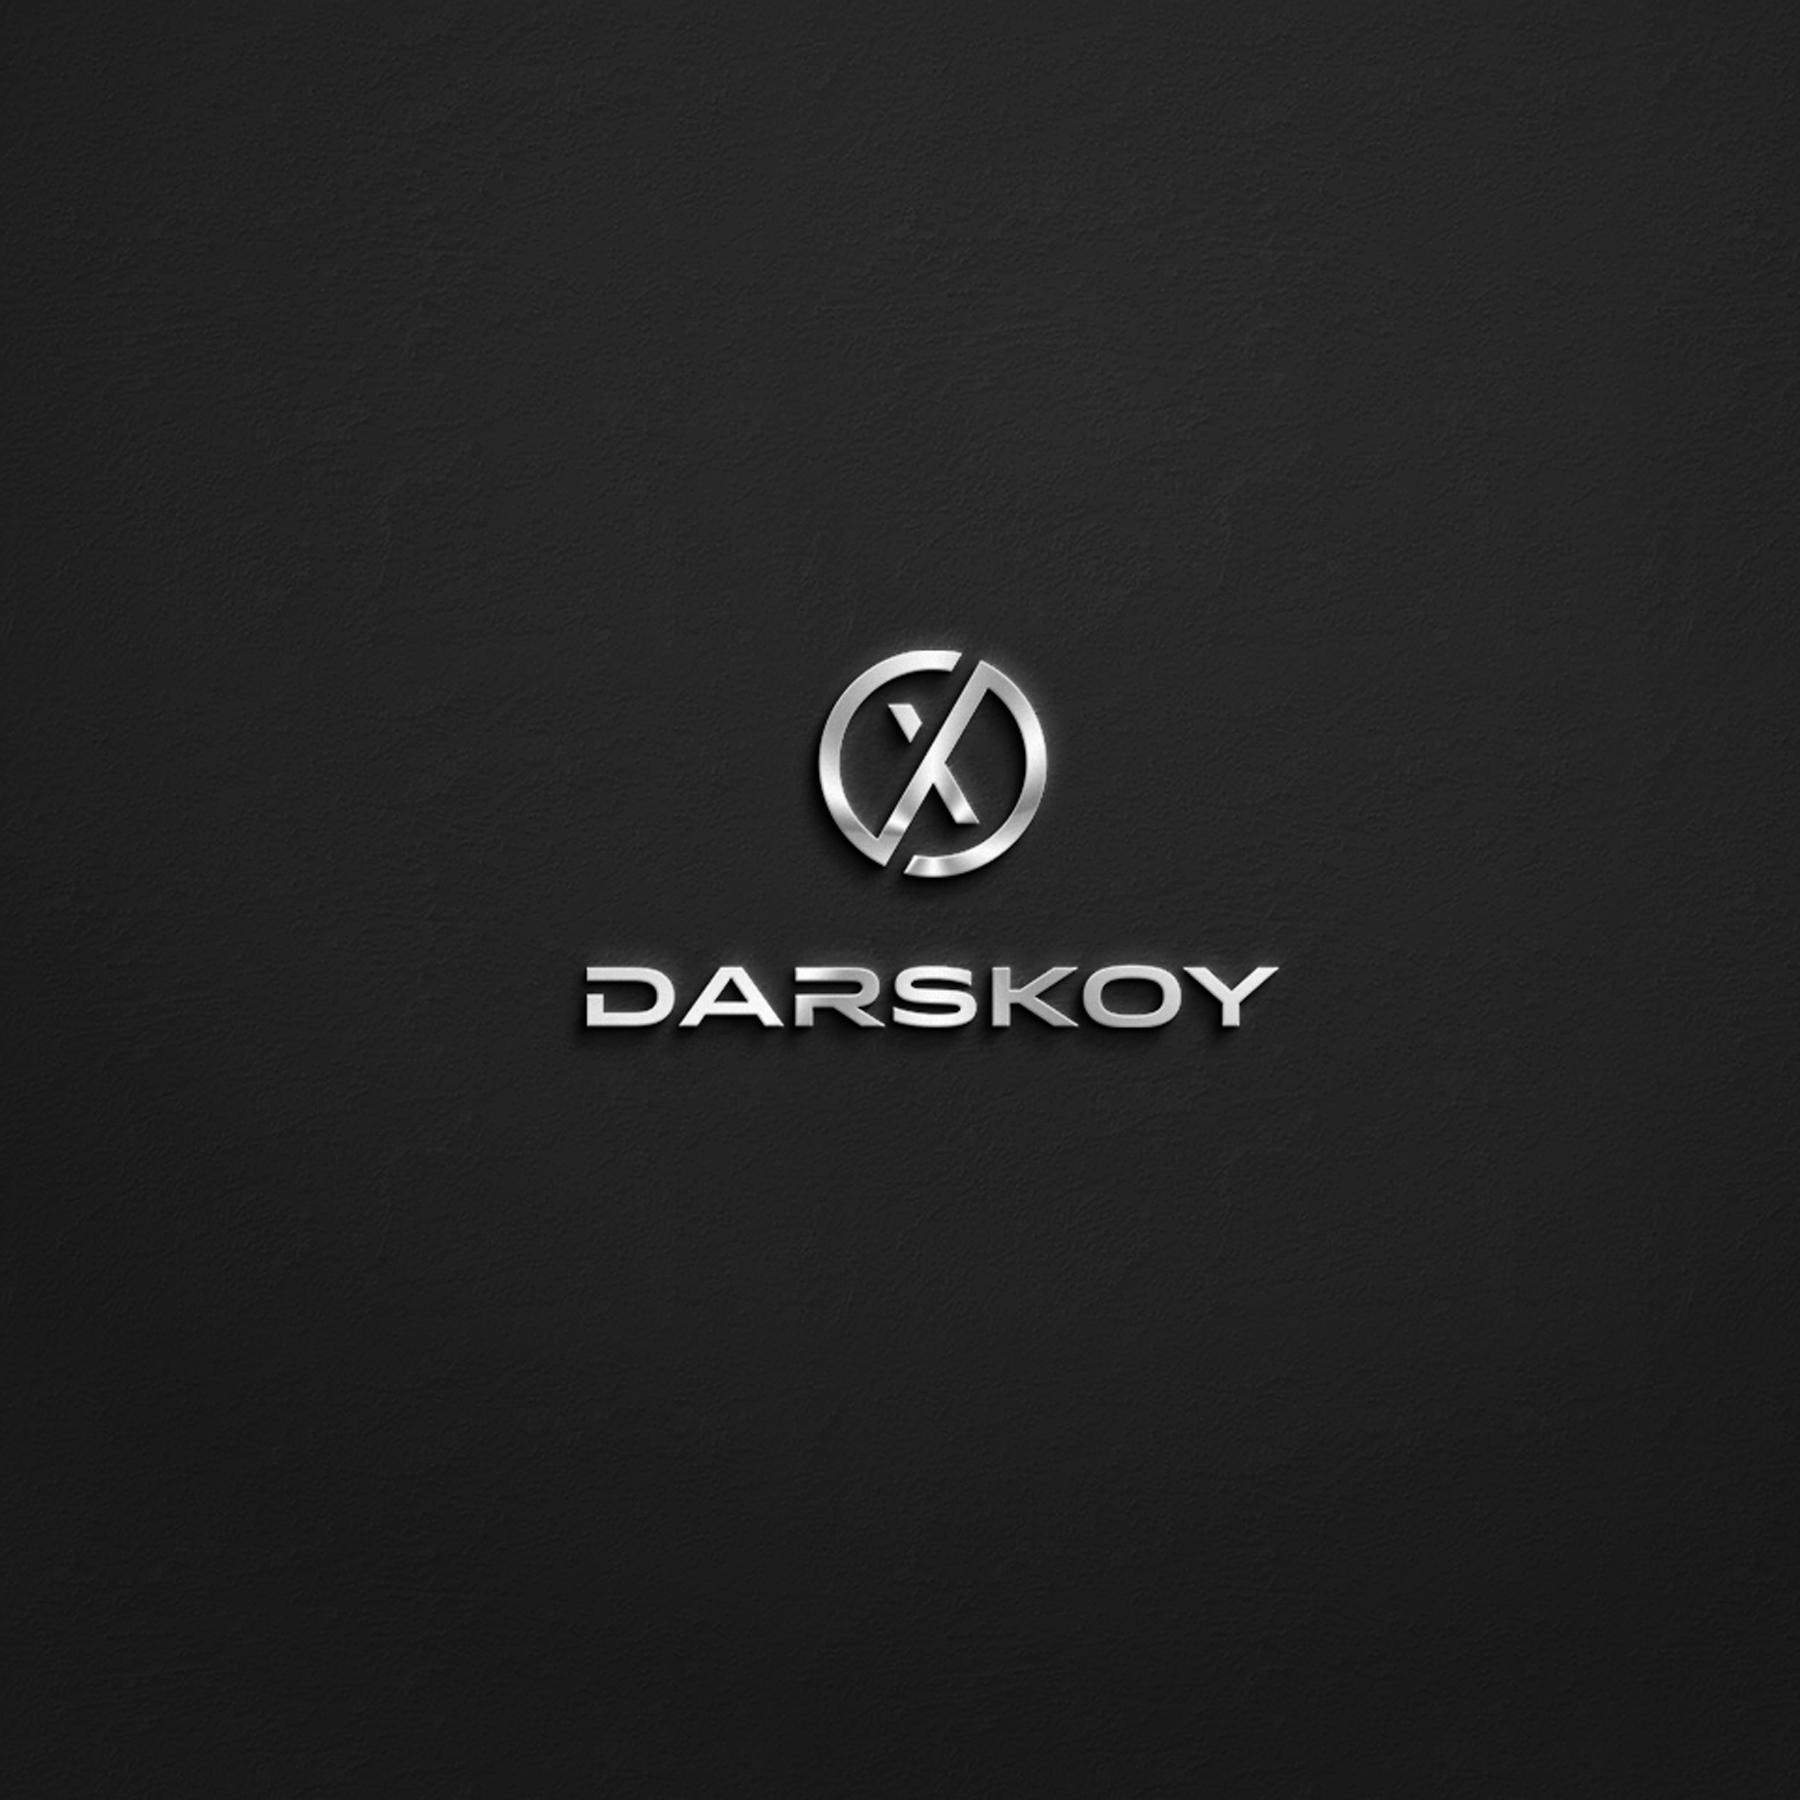 Нарисовать логотип для сольного музыкального проекта фото f_4905ba778dc7ccbb.jpg